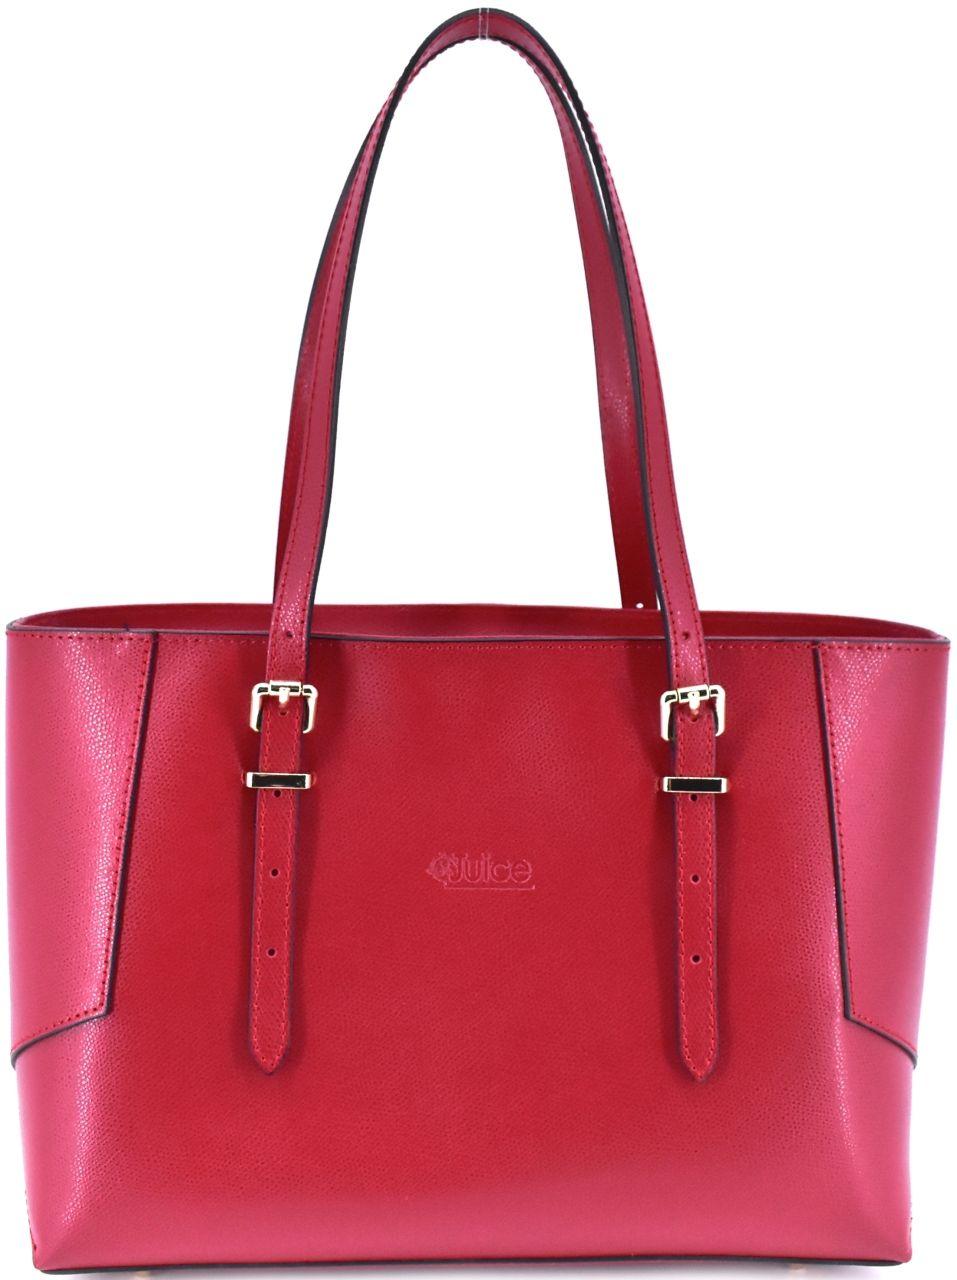 Dámská kožená kabelka Juice červená 112304